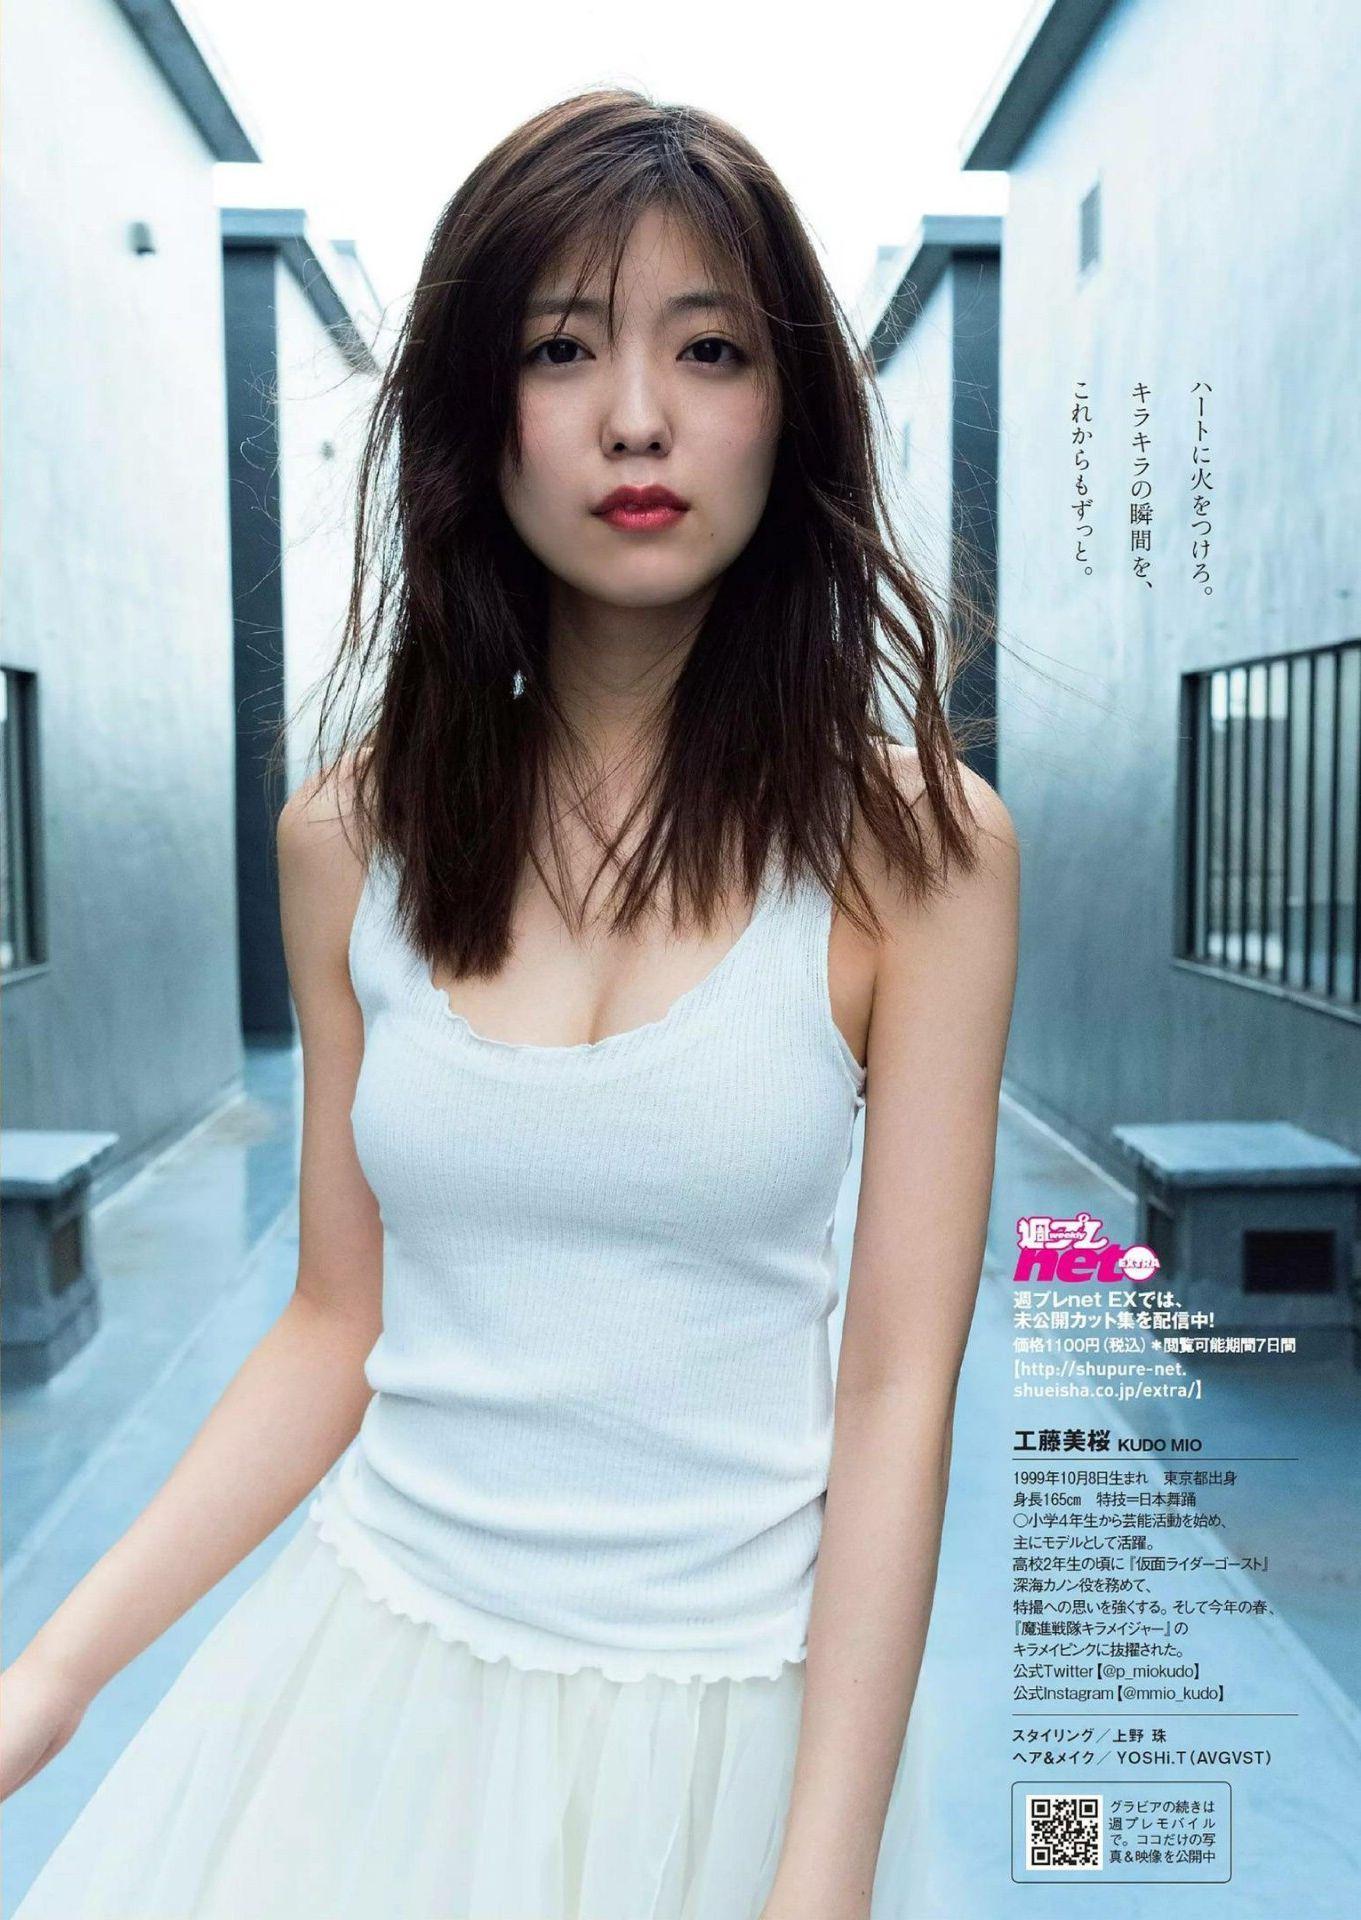 Weekly Playboy 2020-31_32_imgs-0012_1